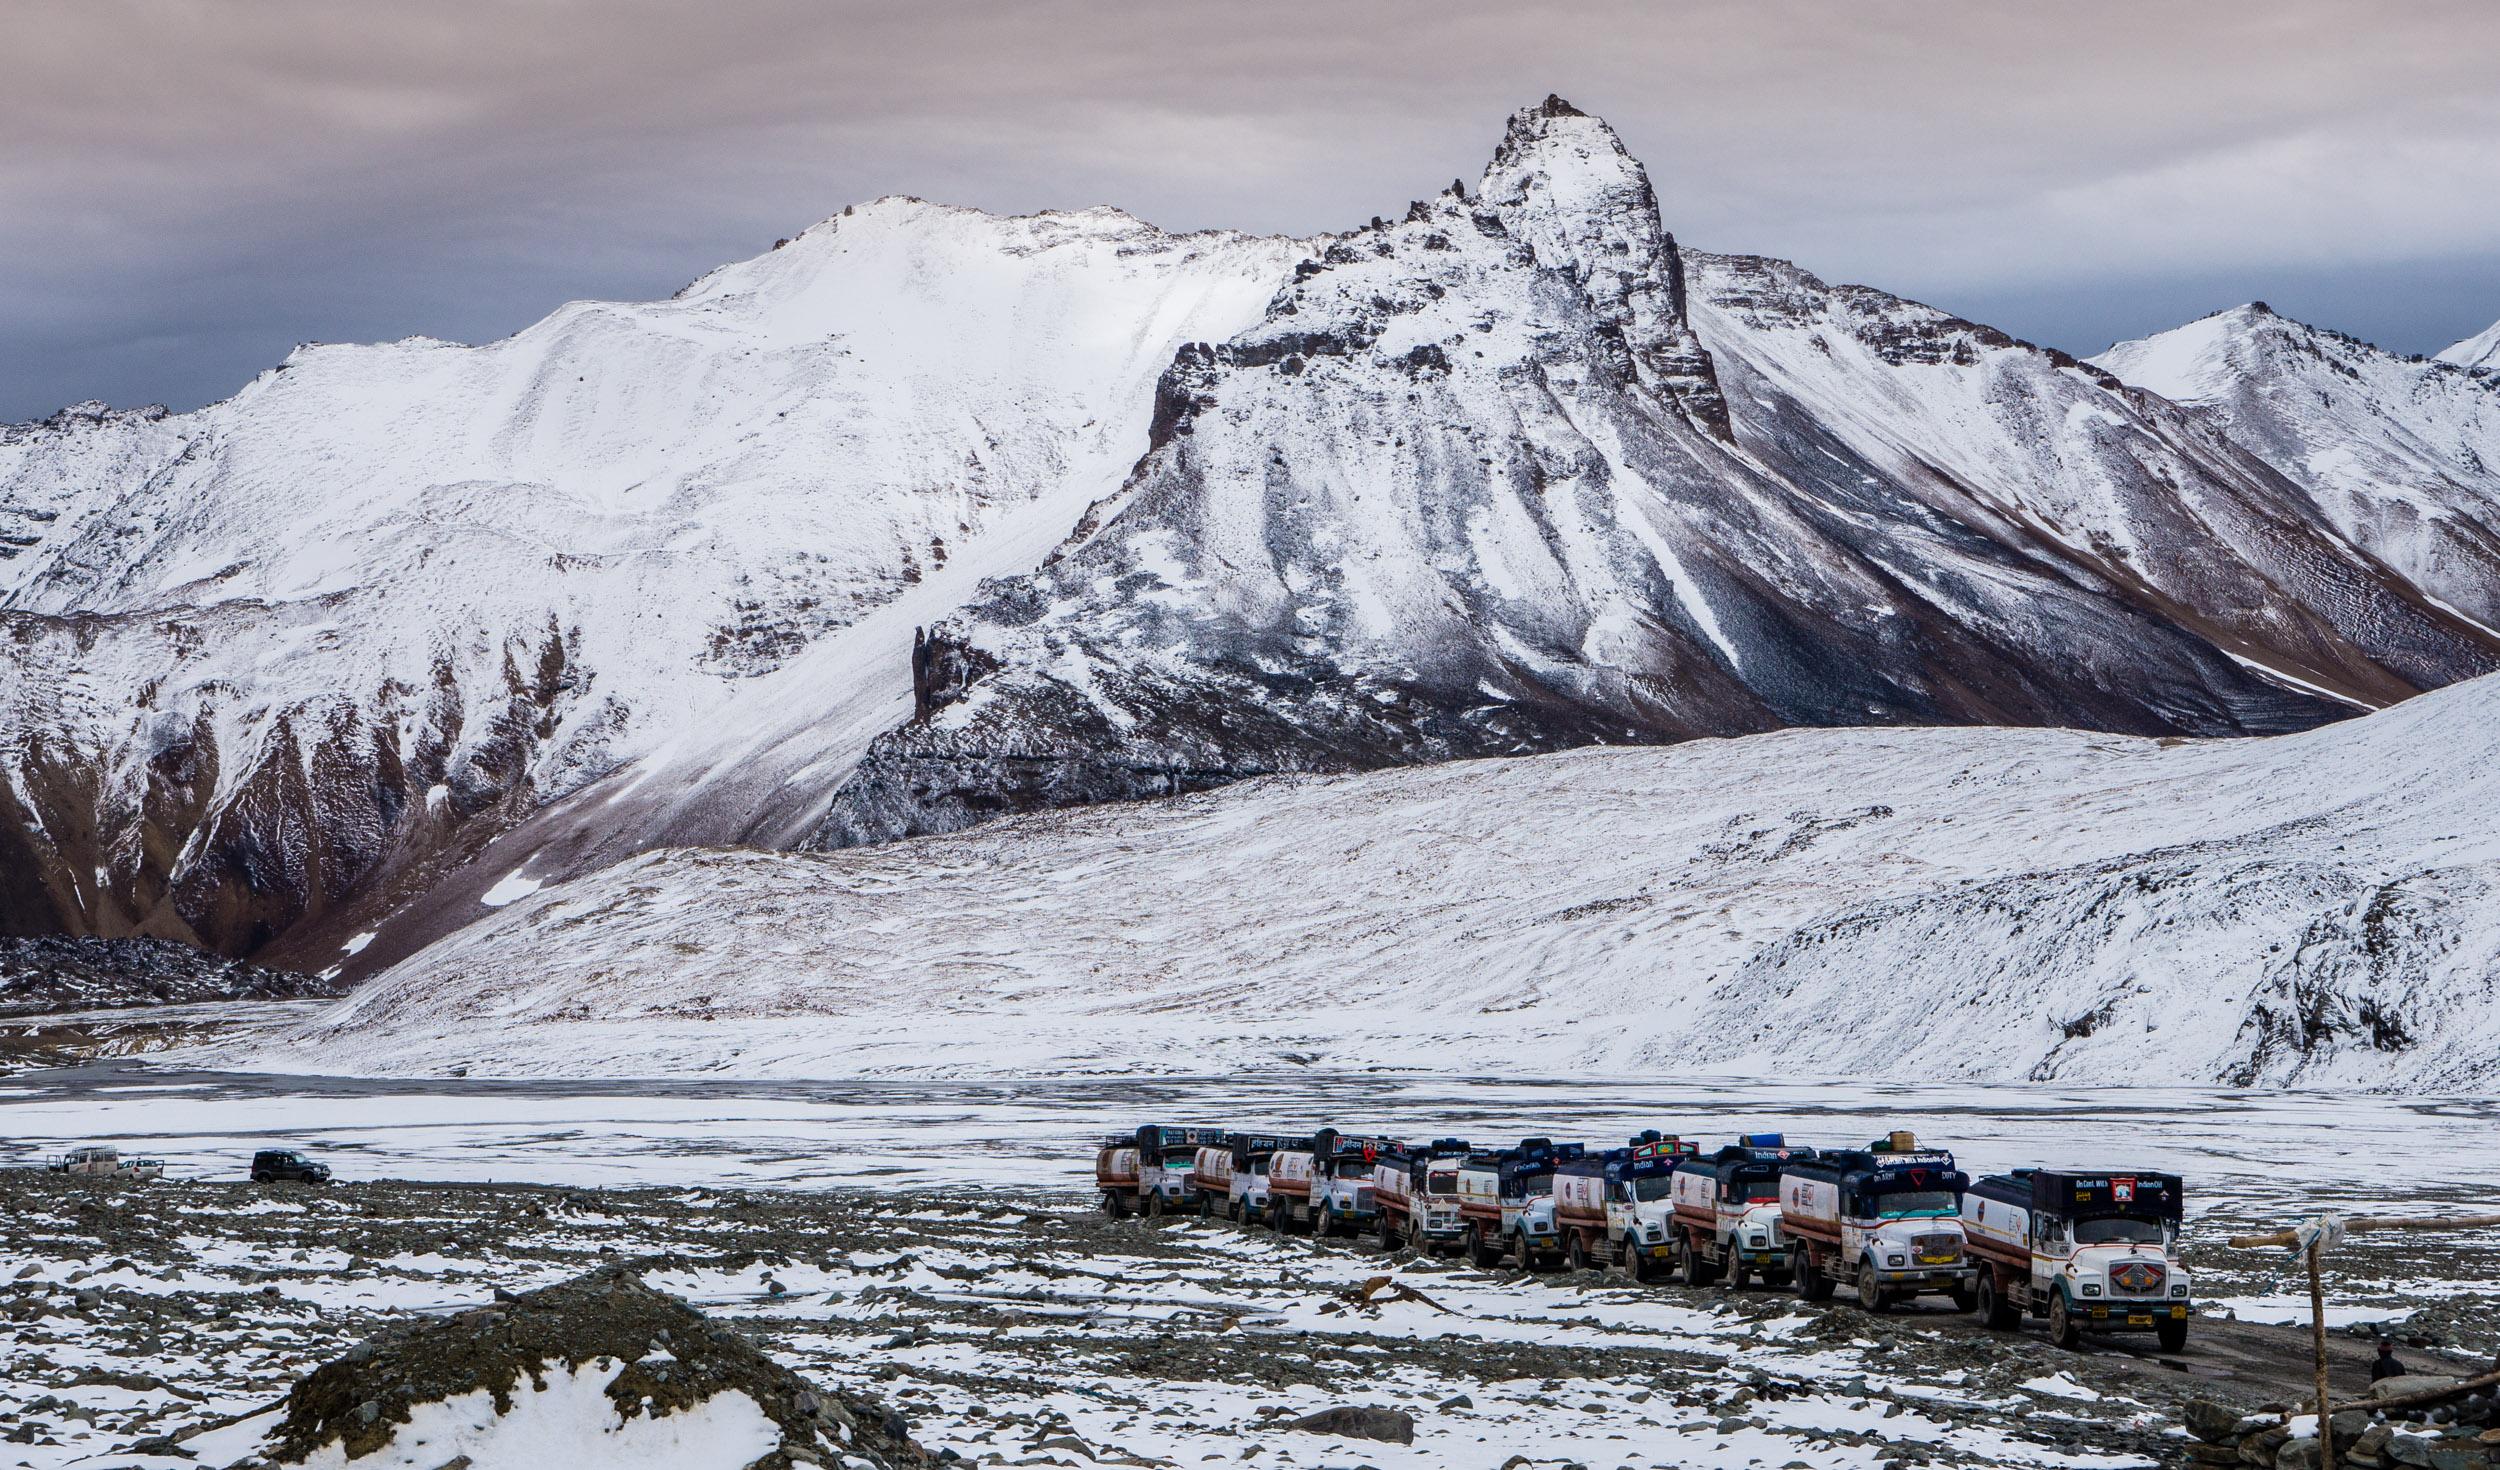 _12 Snow Mountain Trucks.jpg